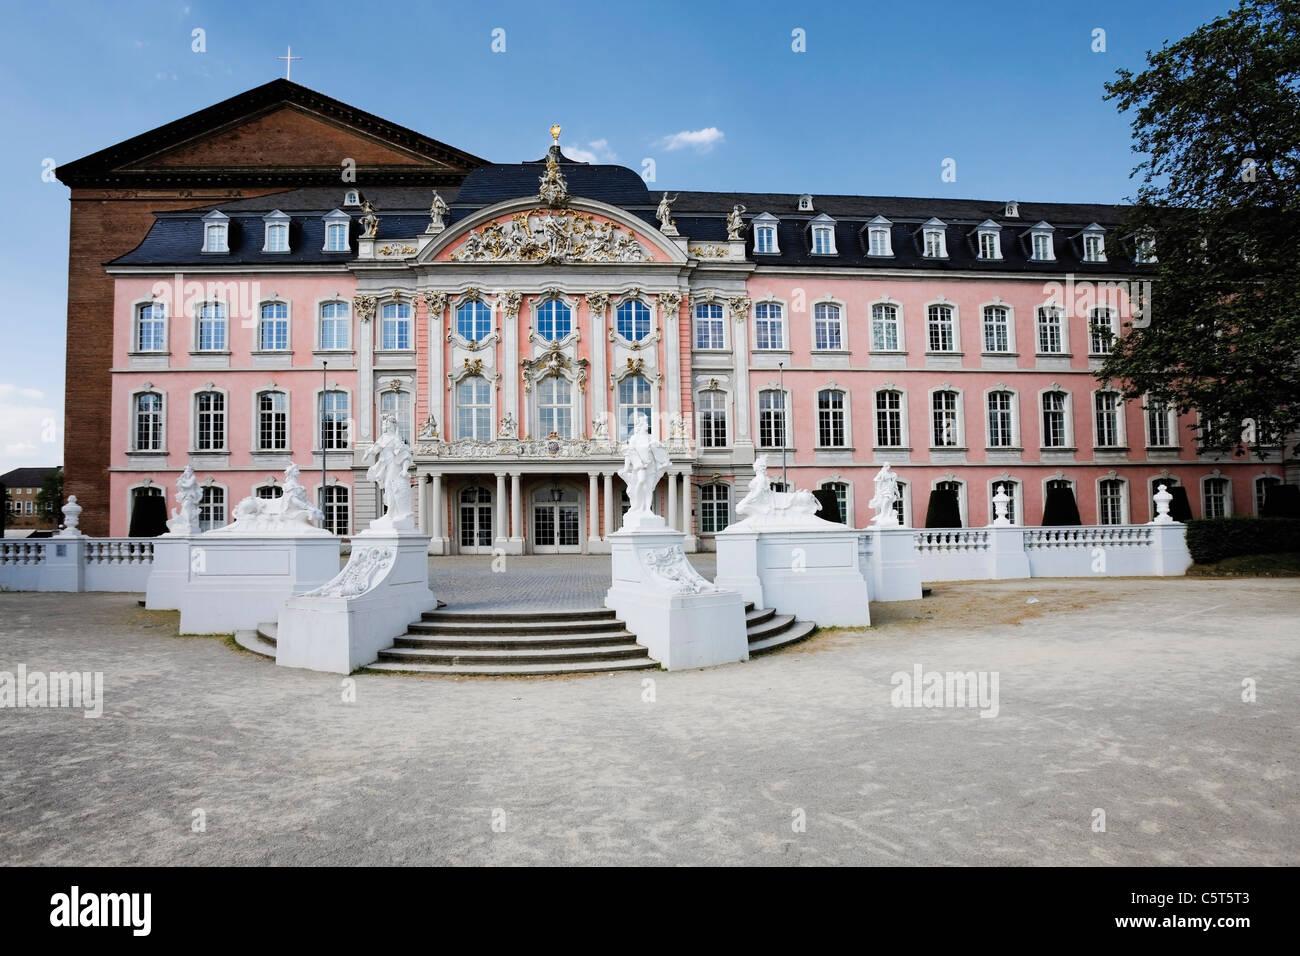 Germany, Rhineland-Palatinate, Treves, Electoral Palace Stock Photo